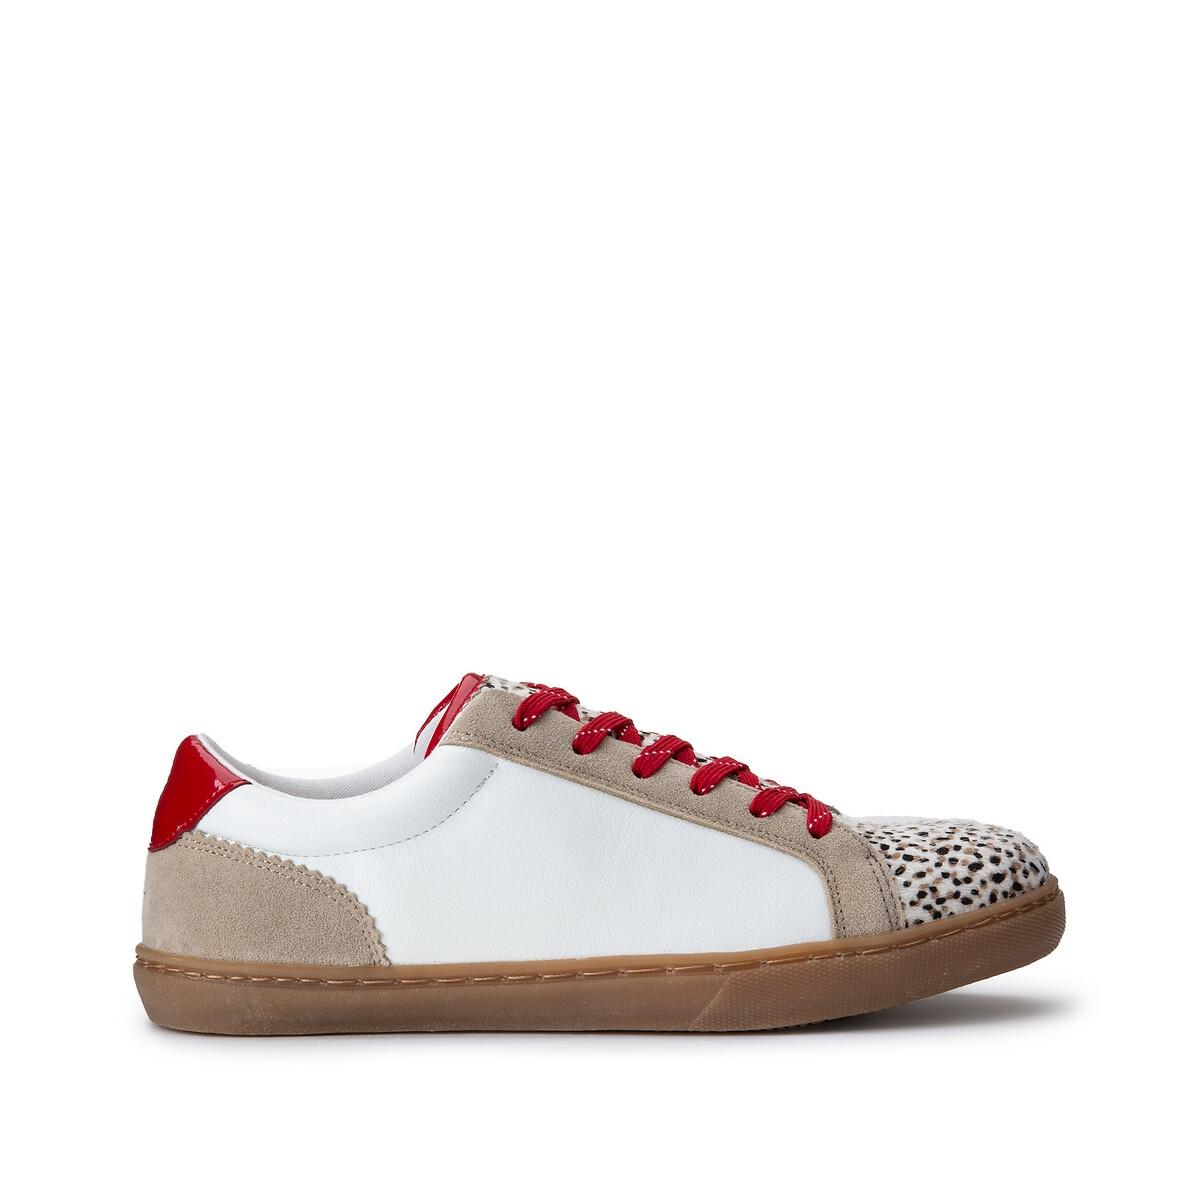 Кеды LaRedoute На шнуровке с контрастной расцветкой 42 белый кеды laredoute кожаные на шнуровке v10 40 белый